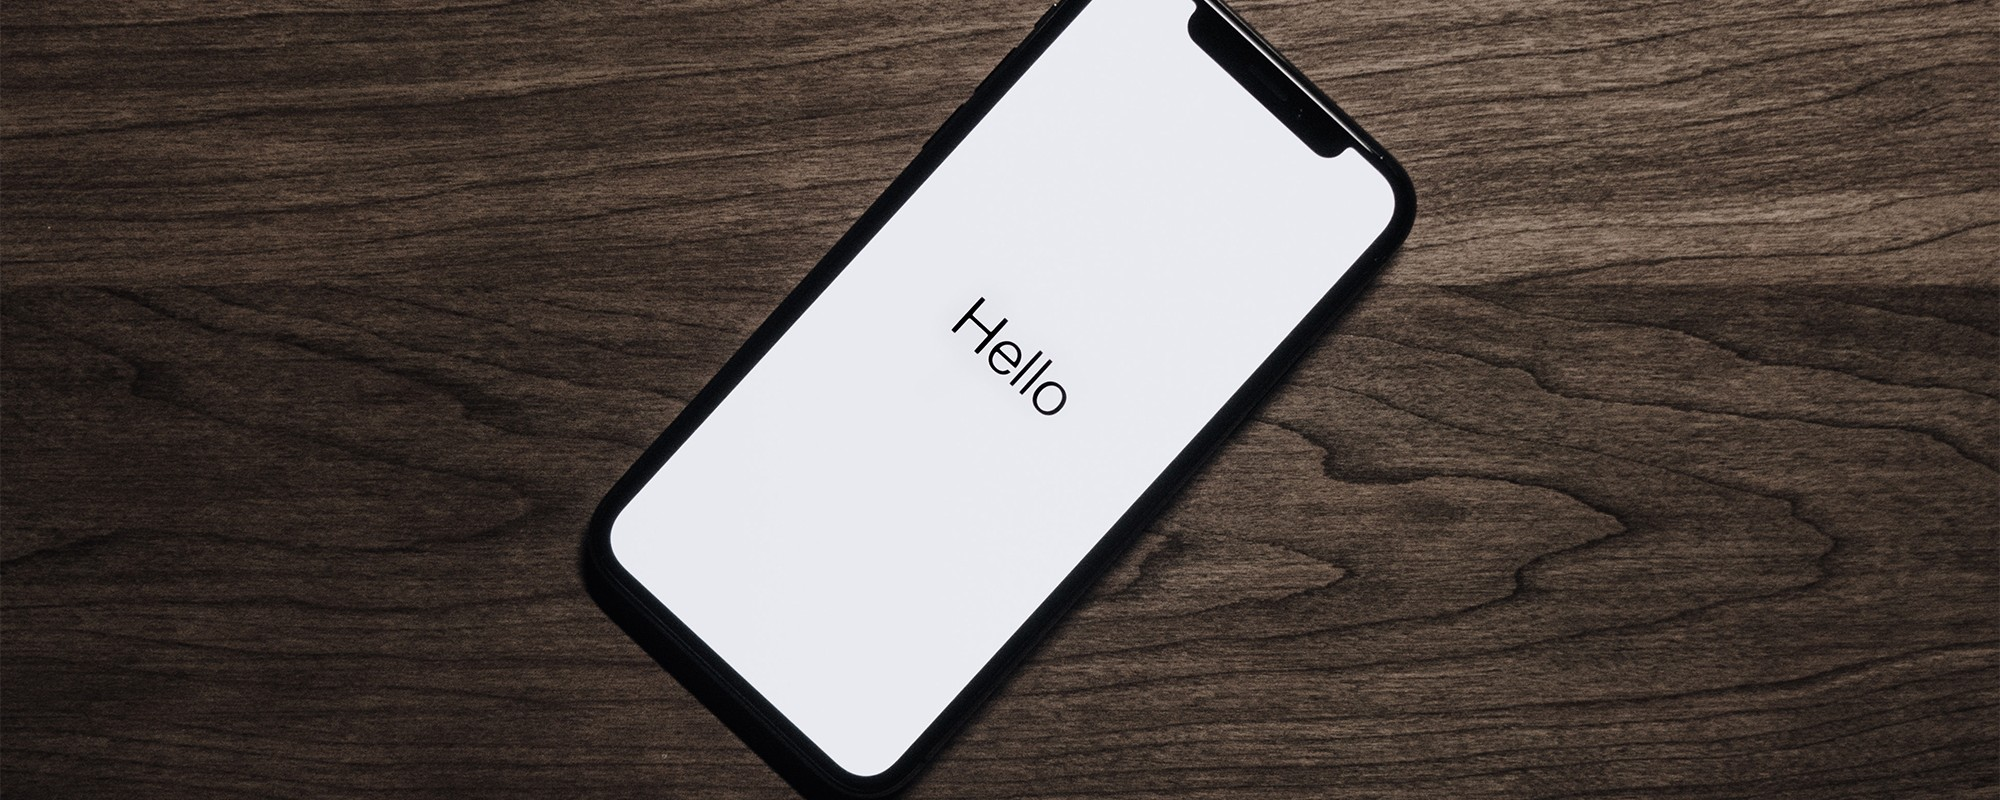 Neues iPhone mit Begrüßungstext